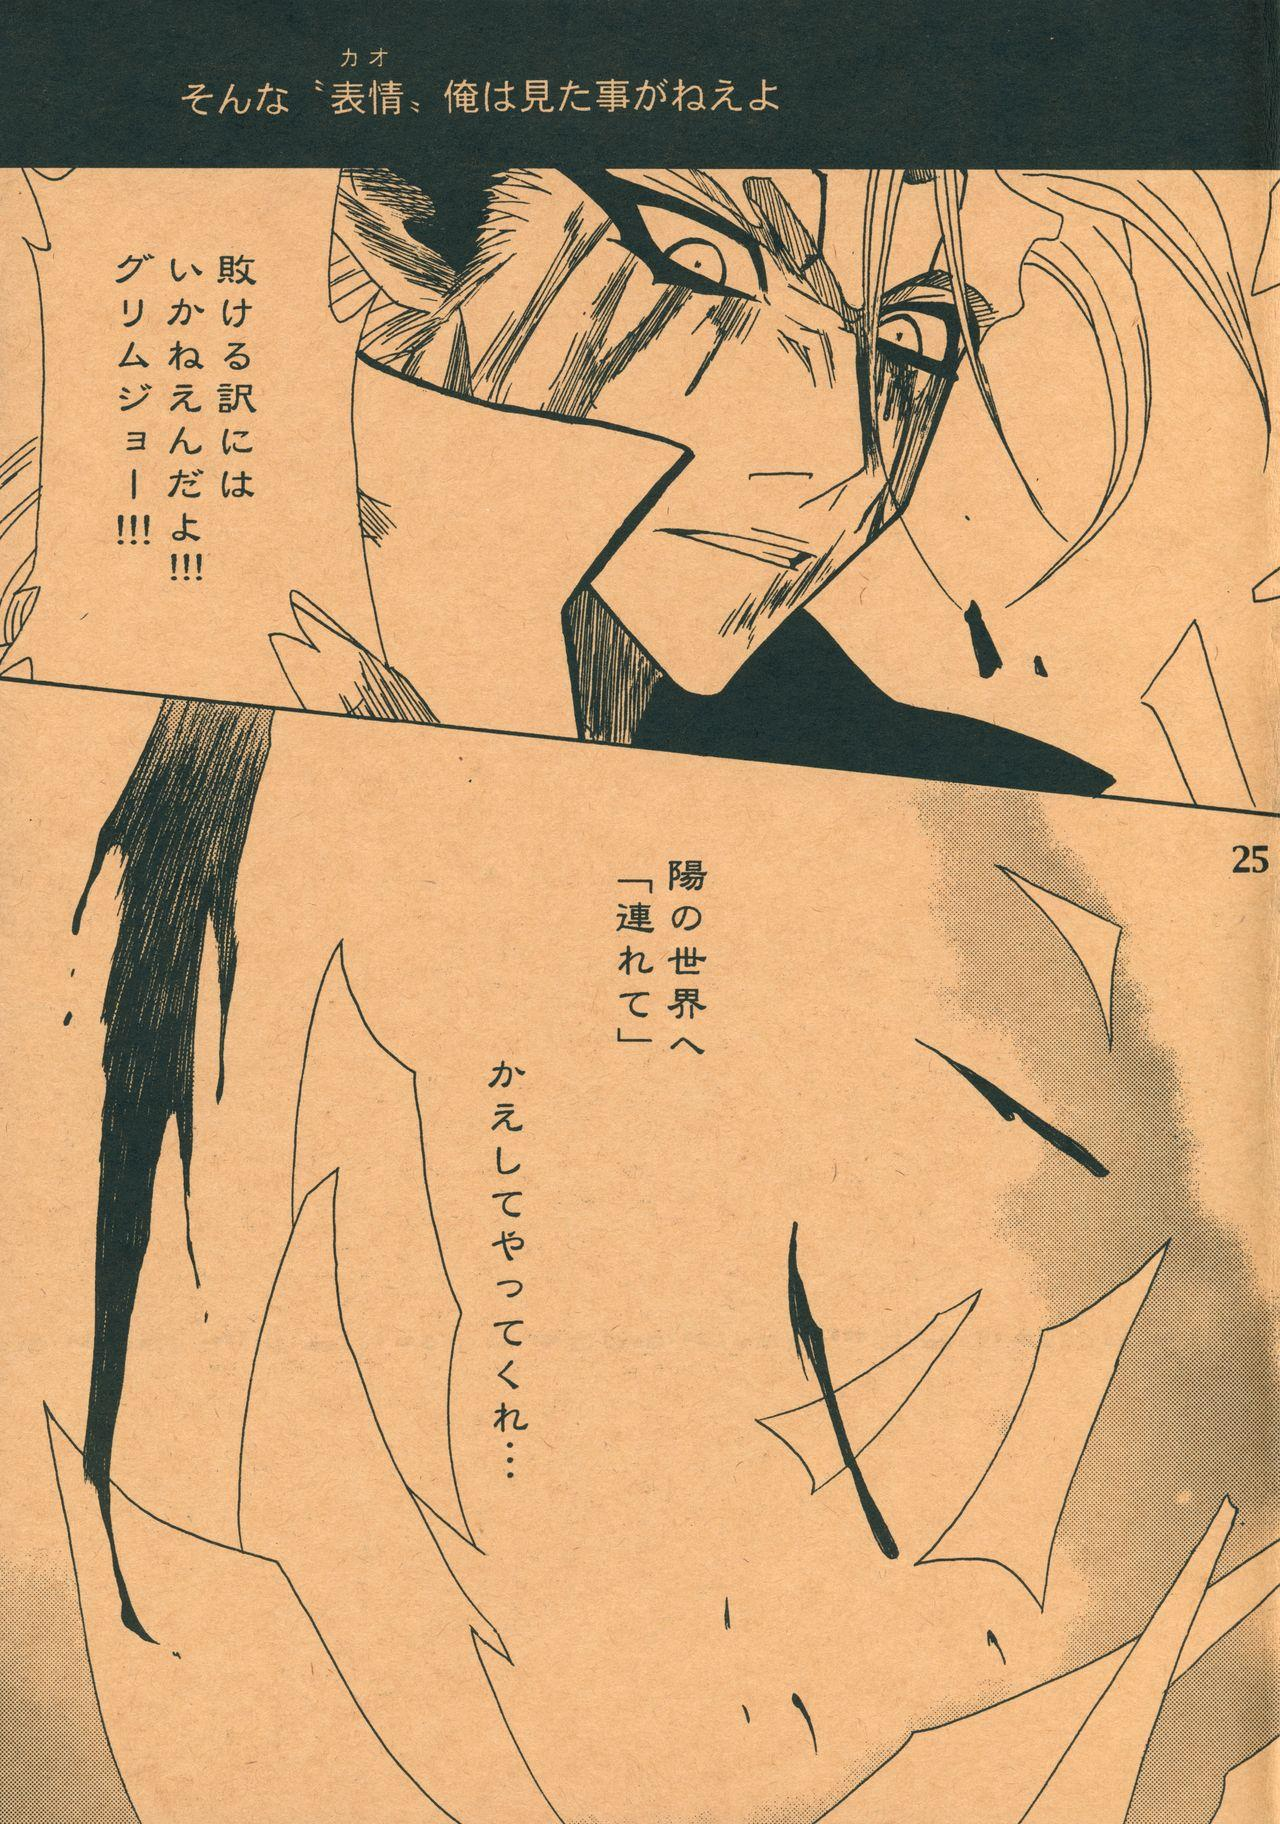 Shinjitsu no Kakera 23